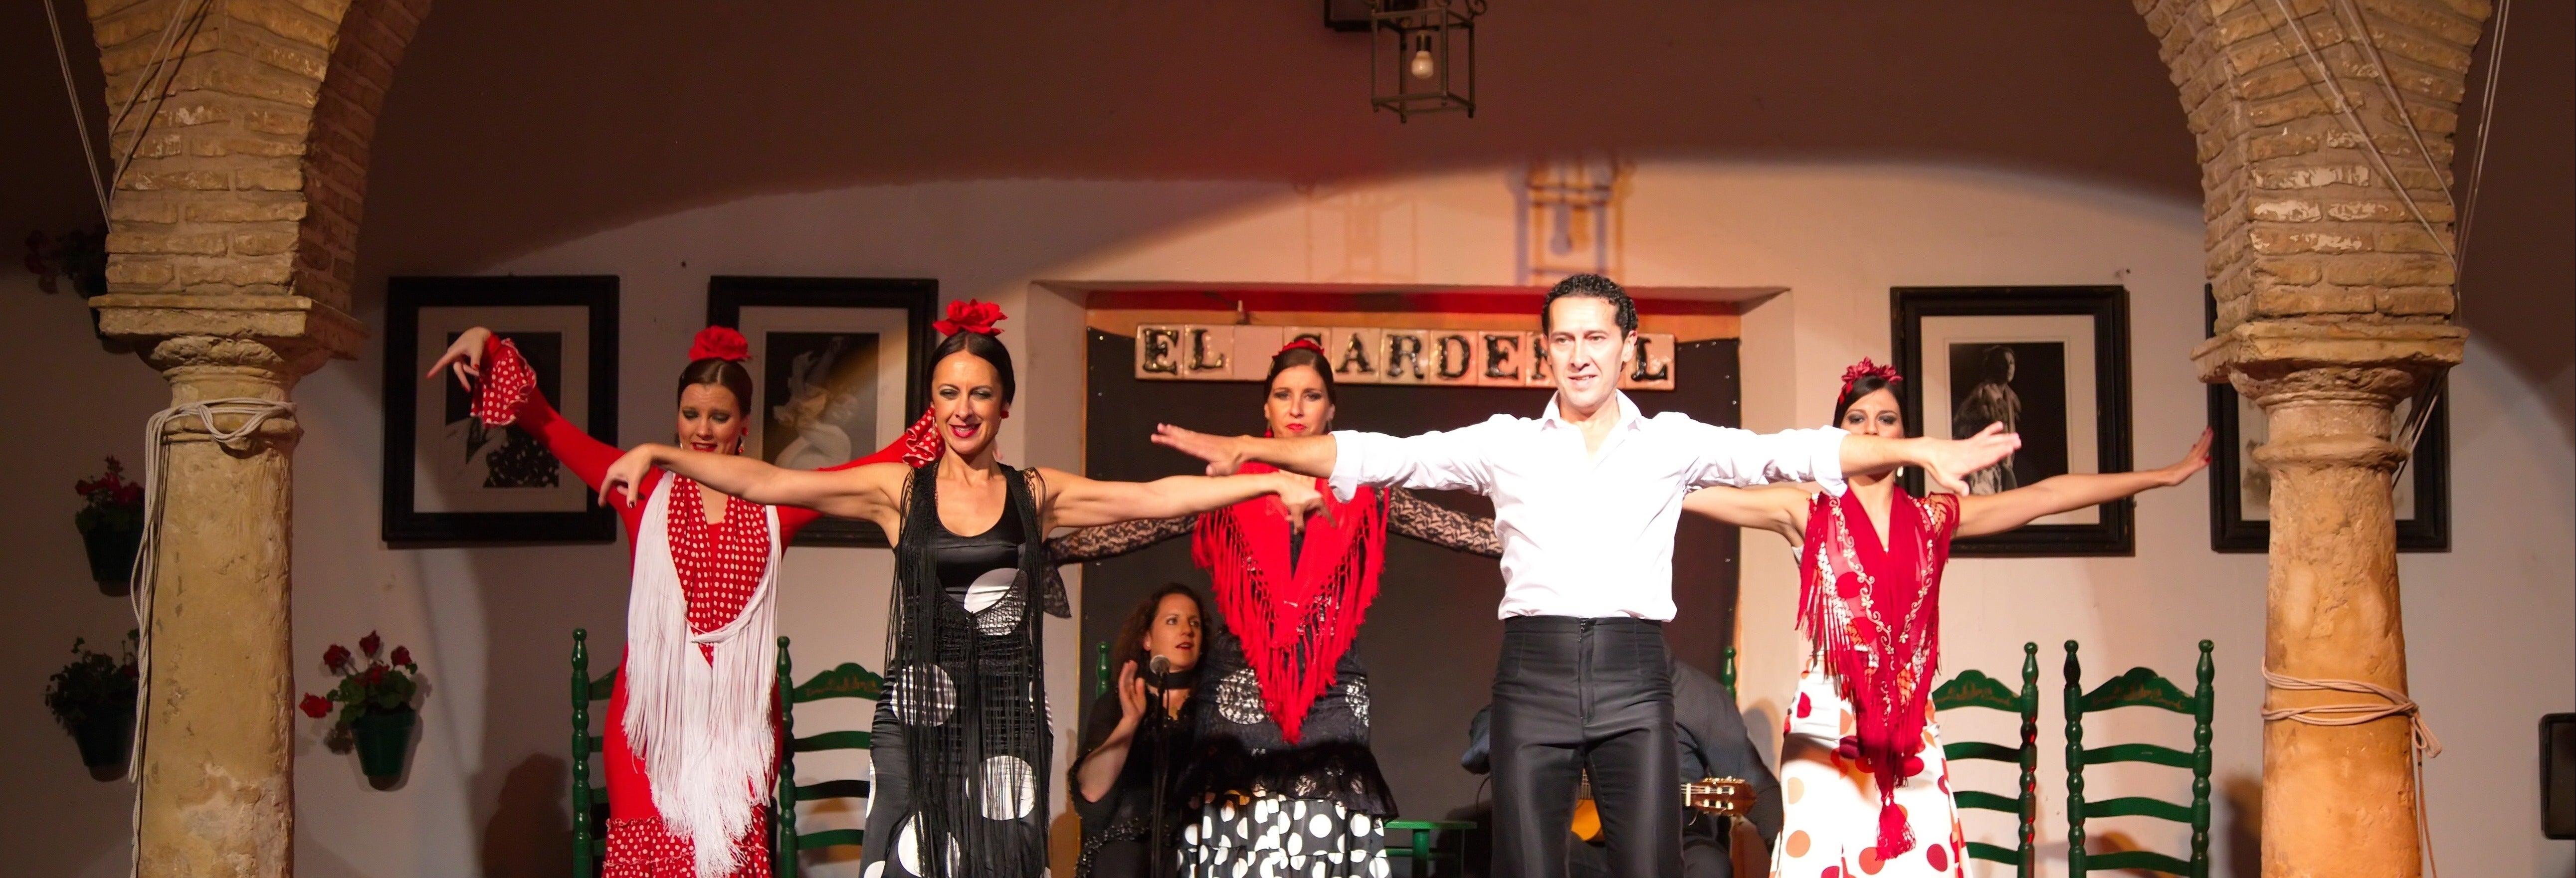 Espetáculo flamenco